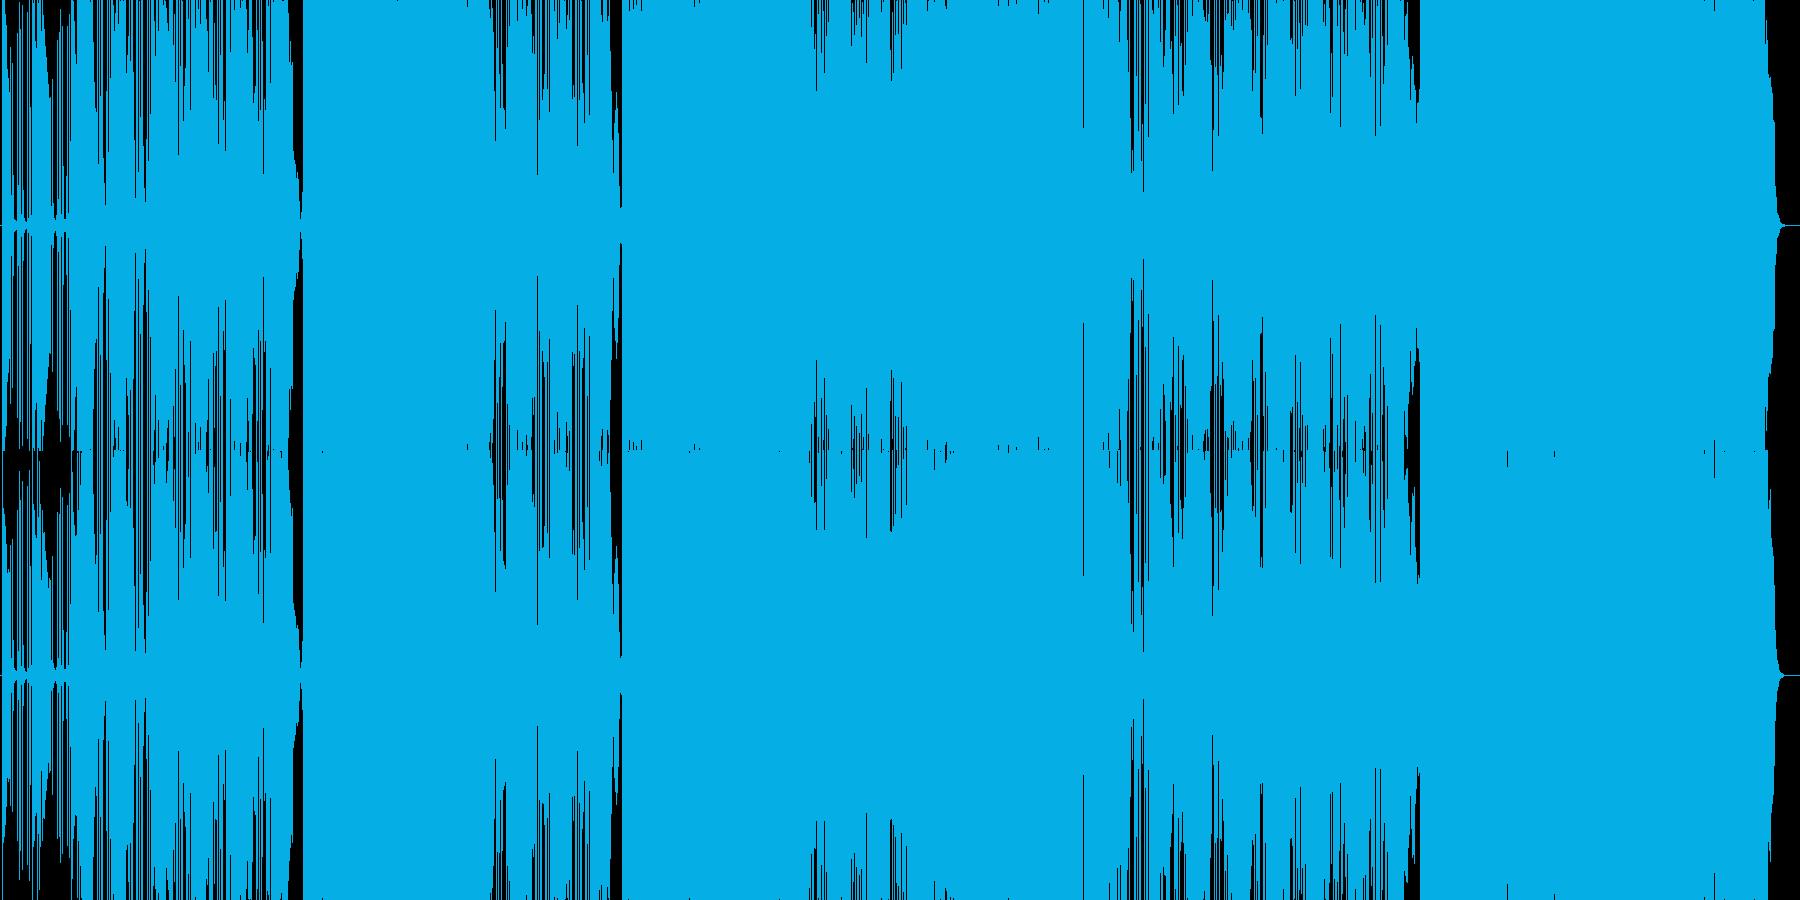 ガレージサウンド生録音のロックンロール曲の再生済みの波形